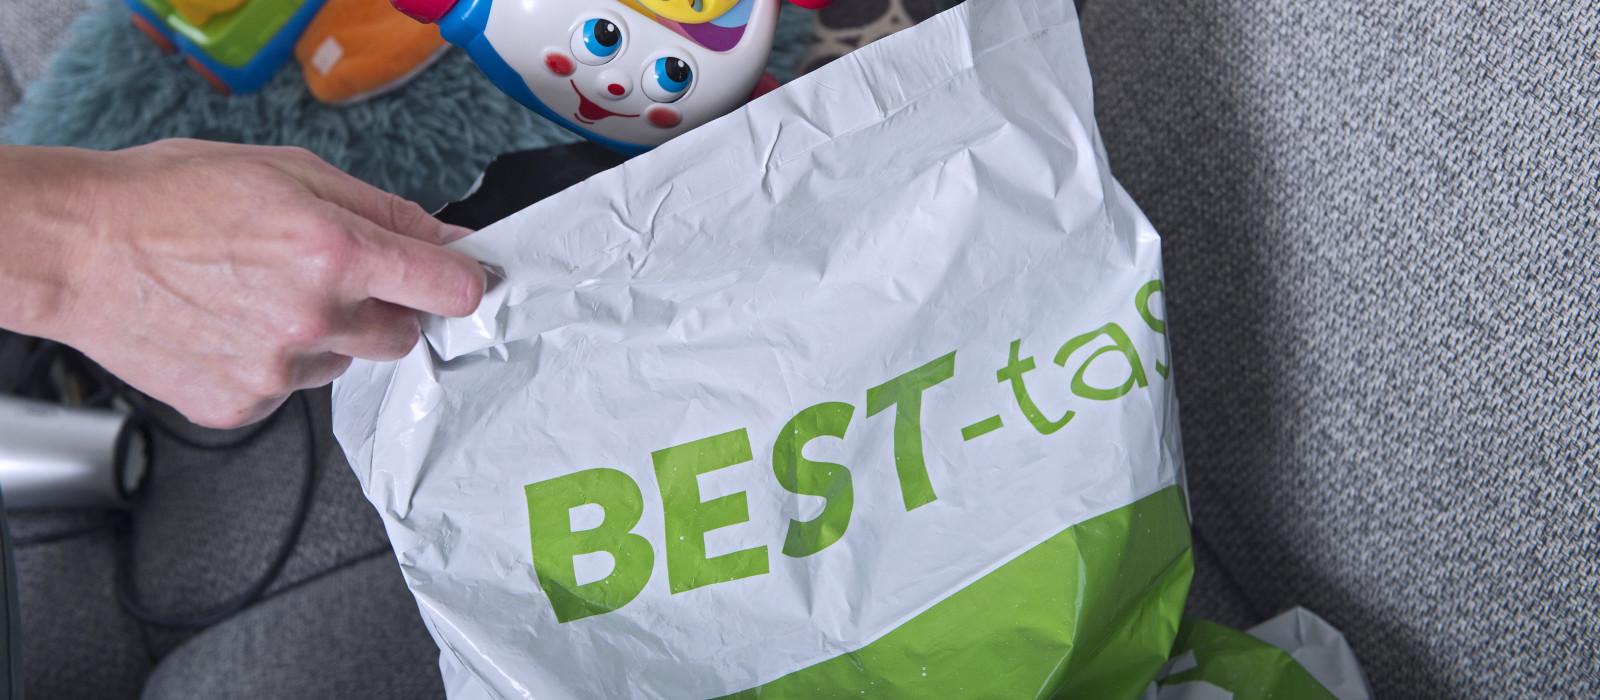 BEST-tas en glas niet meer aan huis opgehaald